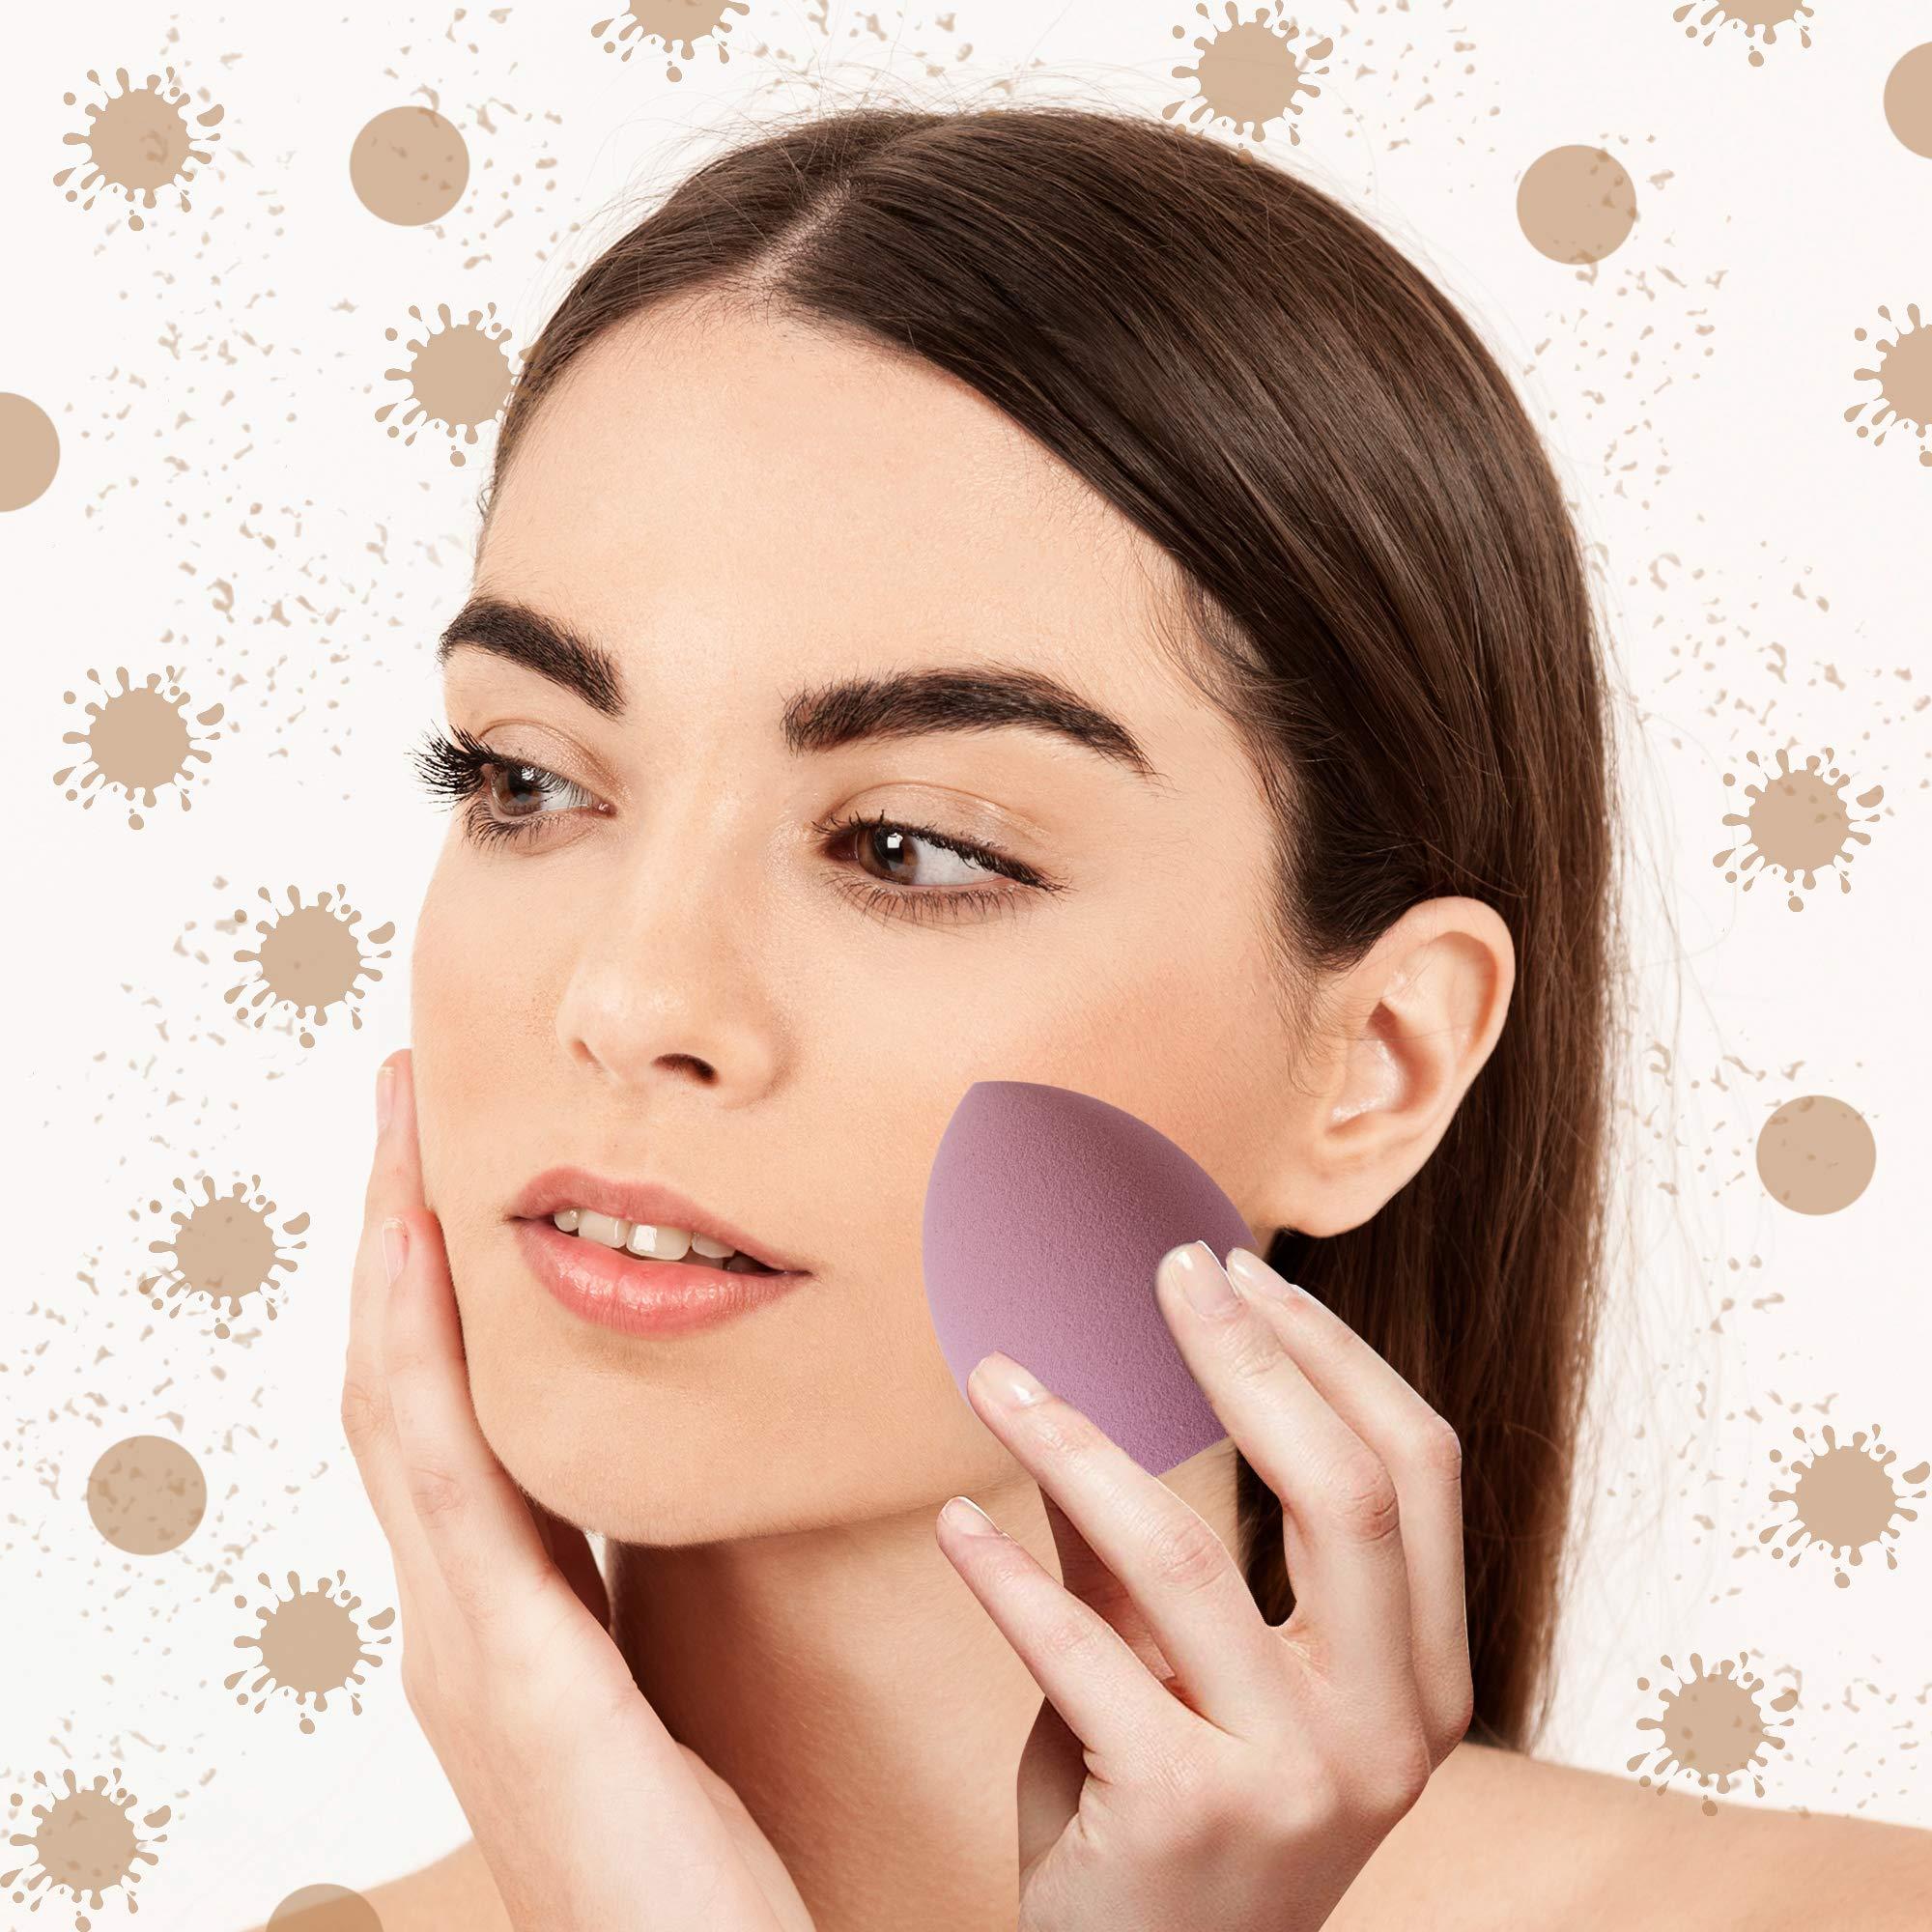 MIRROR Set spugne trucco con 6 diverse spugnette make up per fondotinta, creme, correttore e ogni tipo di trucco che necessita di stesura con blender beauty